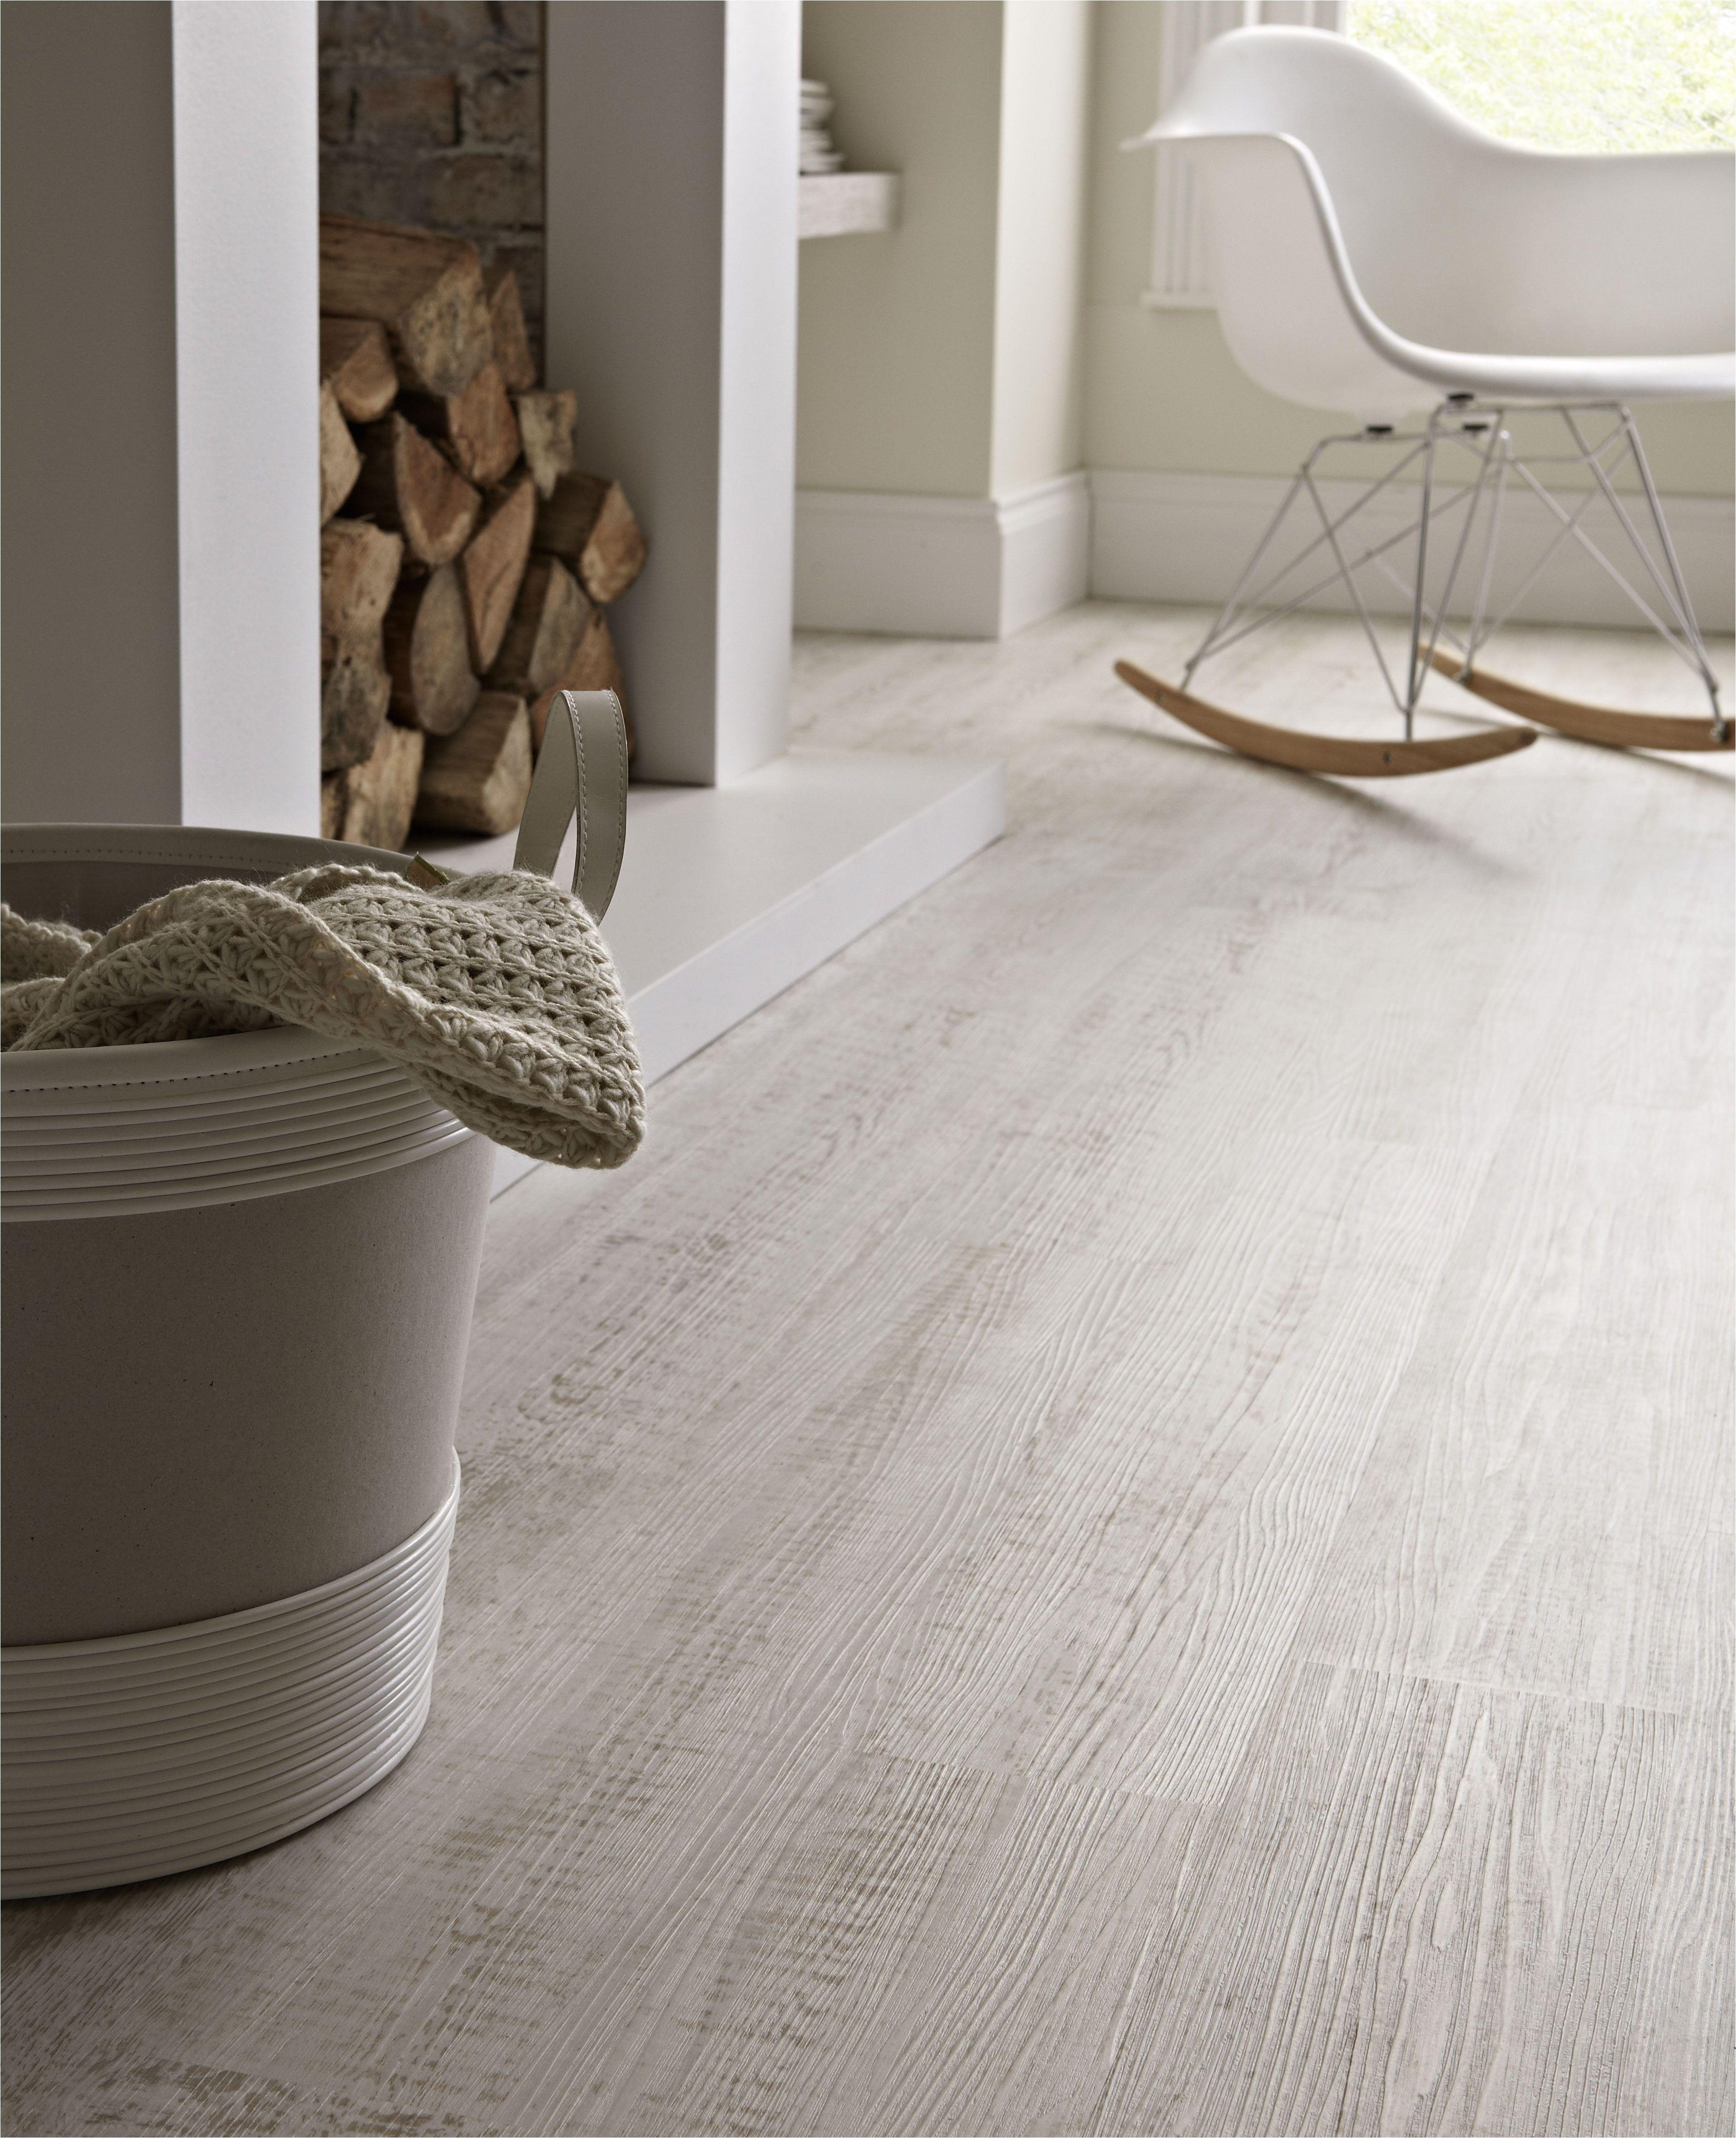 Engineered Wood Flooring White Washed Oak Grey Hardwood Floors Bedroom Beautiful White Washed